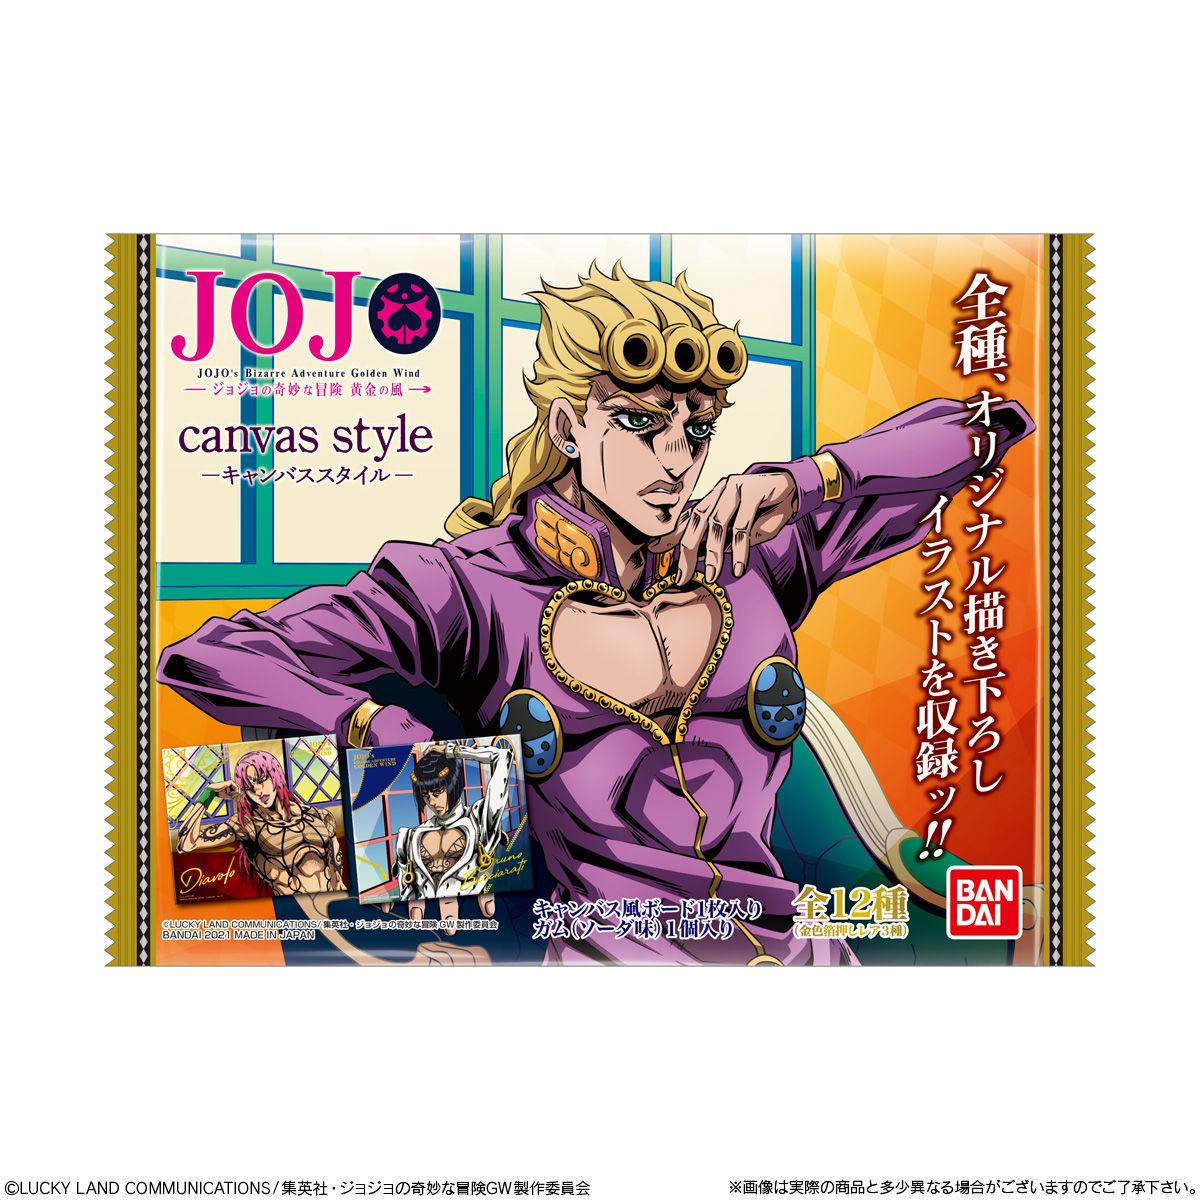 ジョジョの奇妙な冒険 黄金の風 canvas style‐キャンバススタイル‐_6